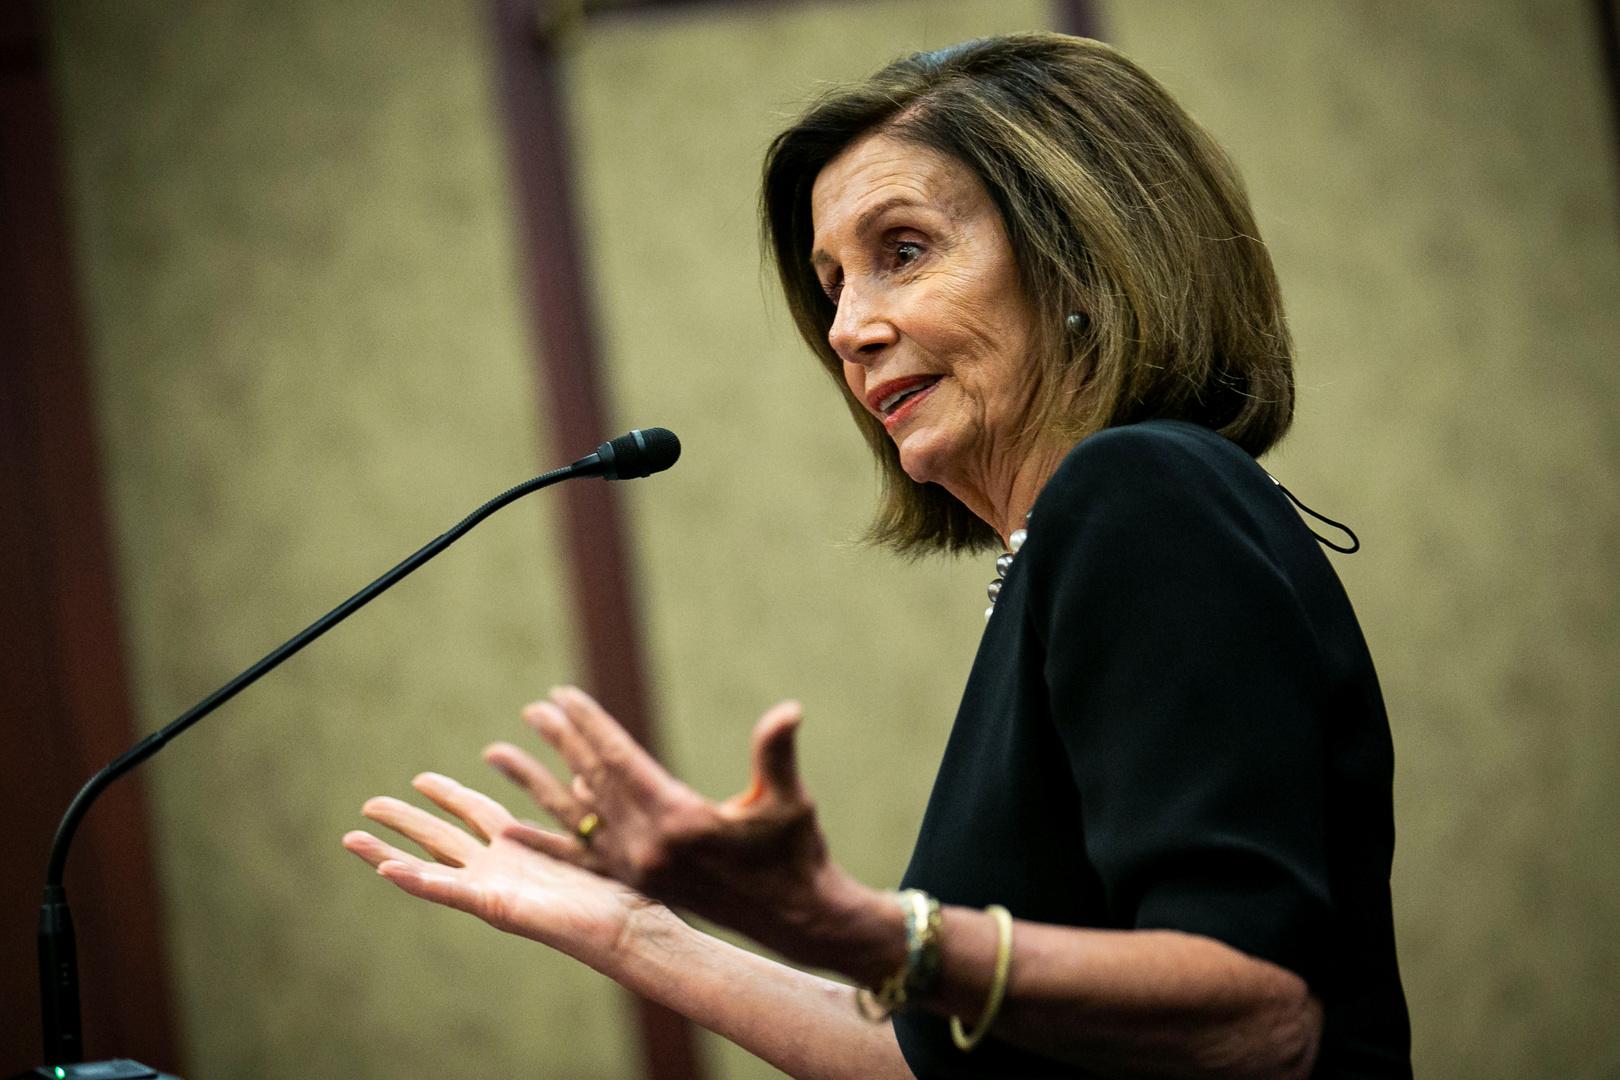 أنقرة: بيلوسي معروفة بجهلها التام ووصولها لرئاسة مجلس النواب الأمريكي مدعاة للقلق